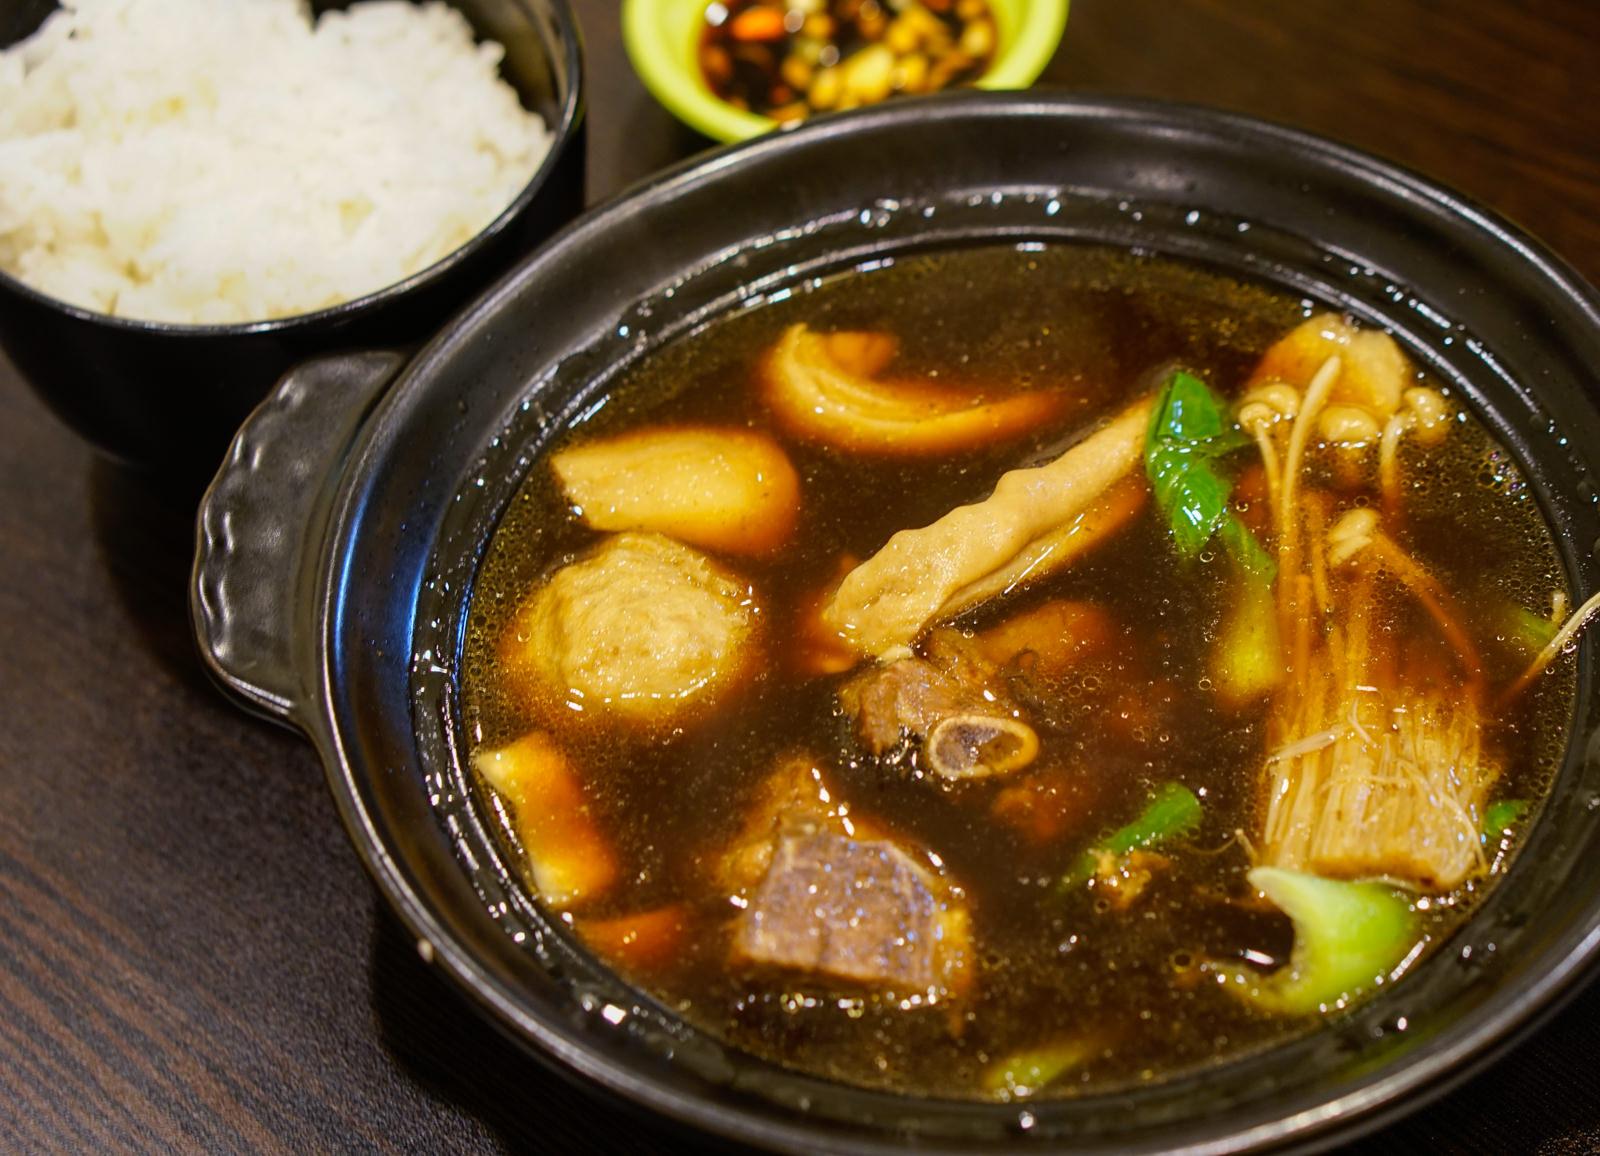 [高雄]MiCurry邁咖哩馬來風味料理-正宗馬來風味!超正點叻沙麵x馬來西亞肉骨茶 高雄咖哩推薦 @美食好芃友